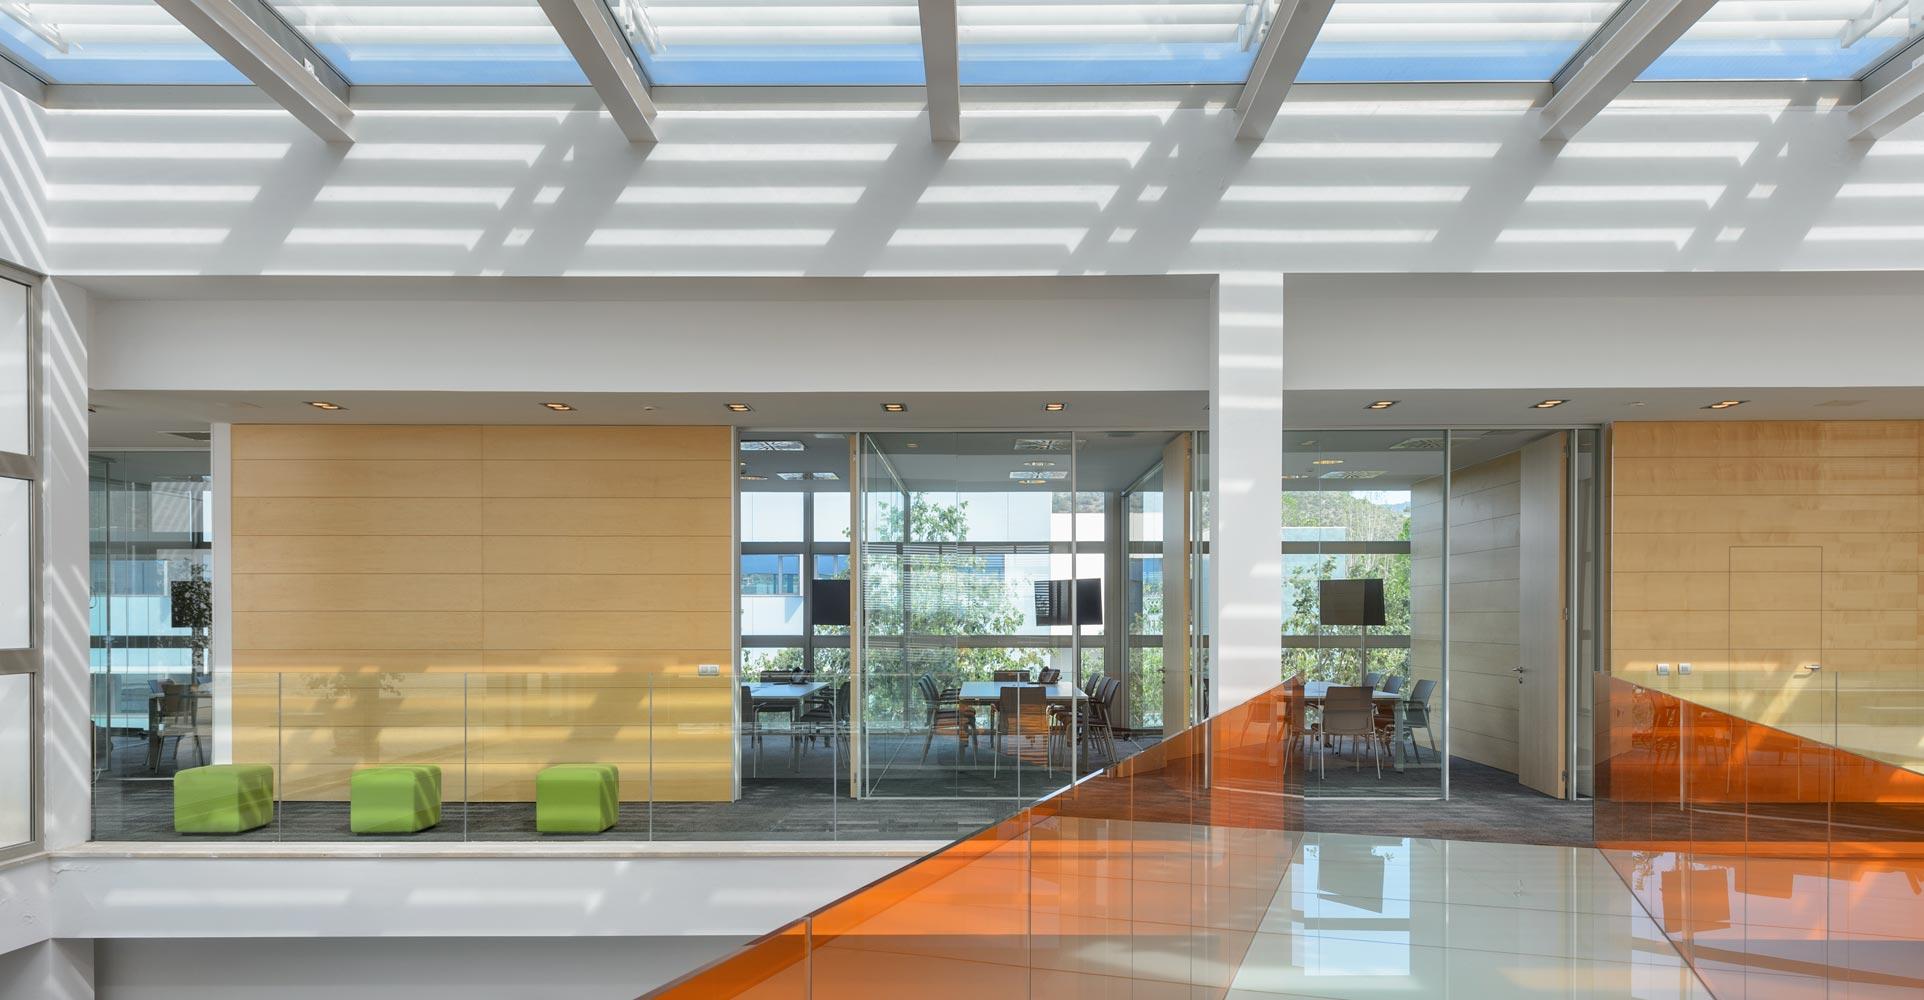 Trabajos-fotográficos-en-Ibiza-para-arquitectos-constructoras-diseñadores-de-interiores_27